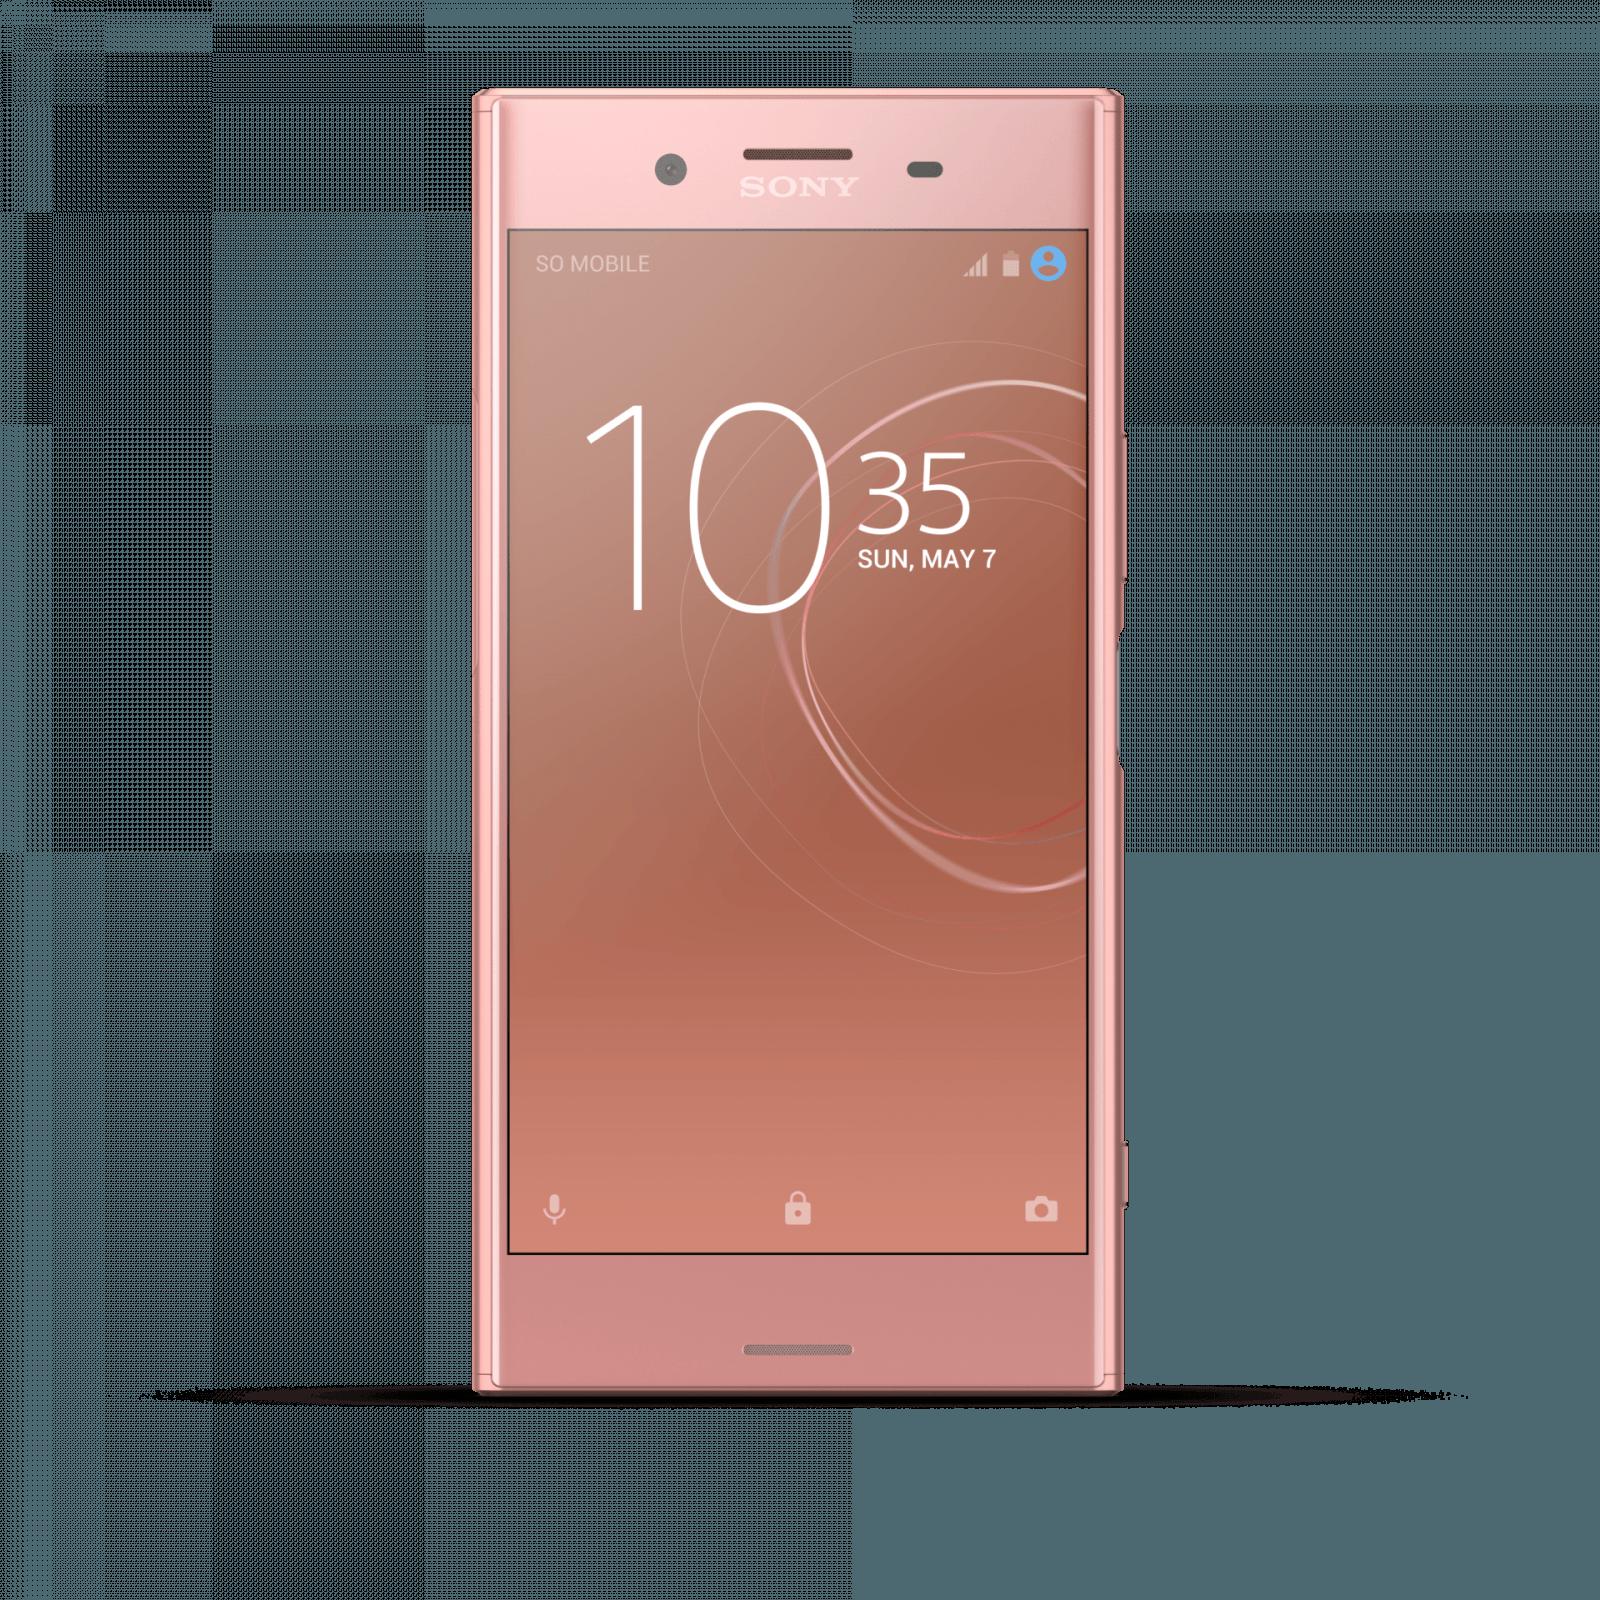 XZ Premium BP front2 - Sony представила Xperia XZ Premium  в цвете розовая бронза